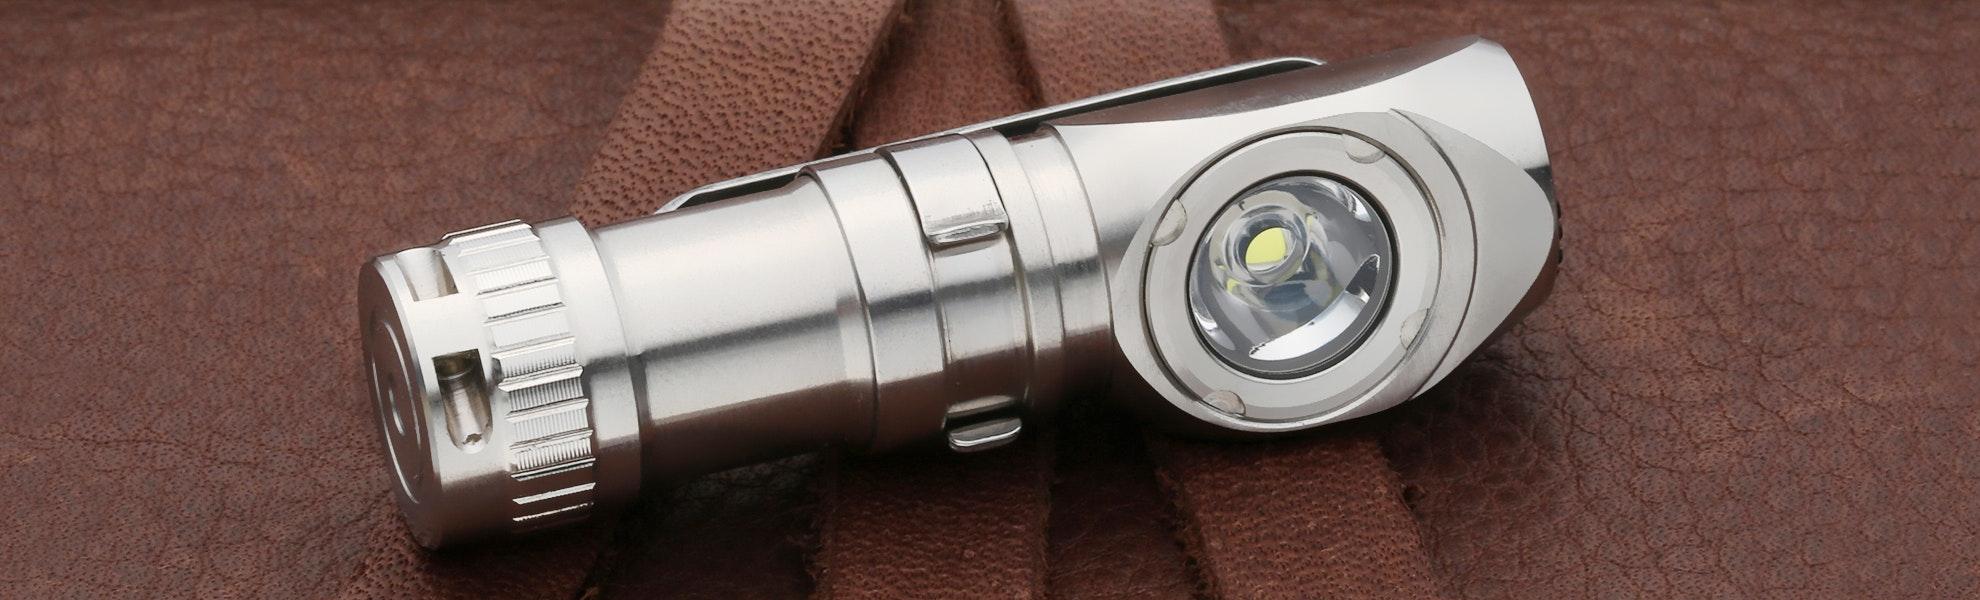 MecArmy FM11 Flashlight